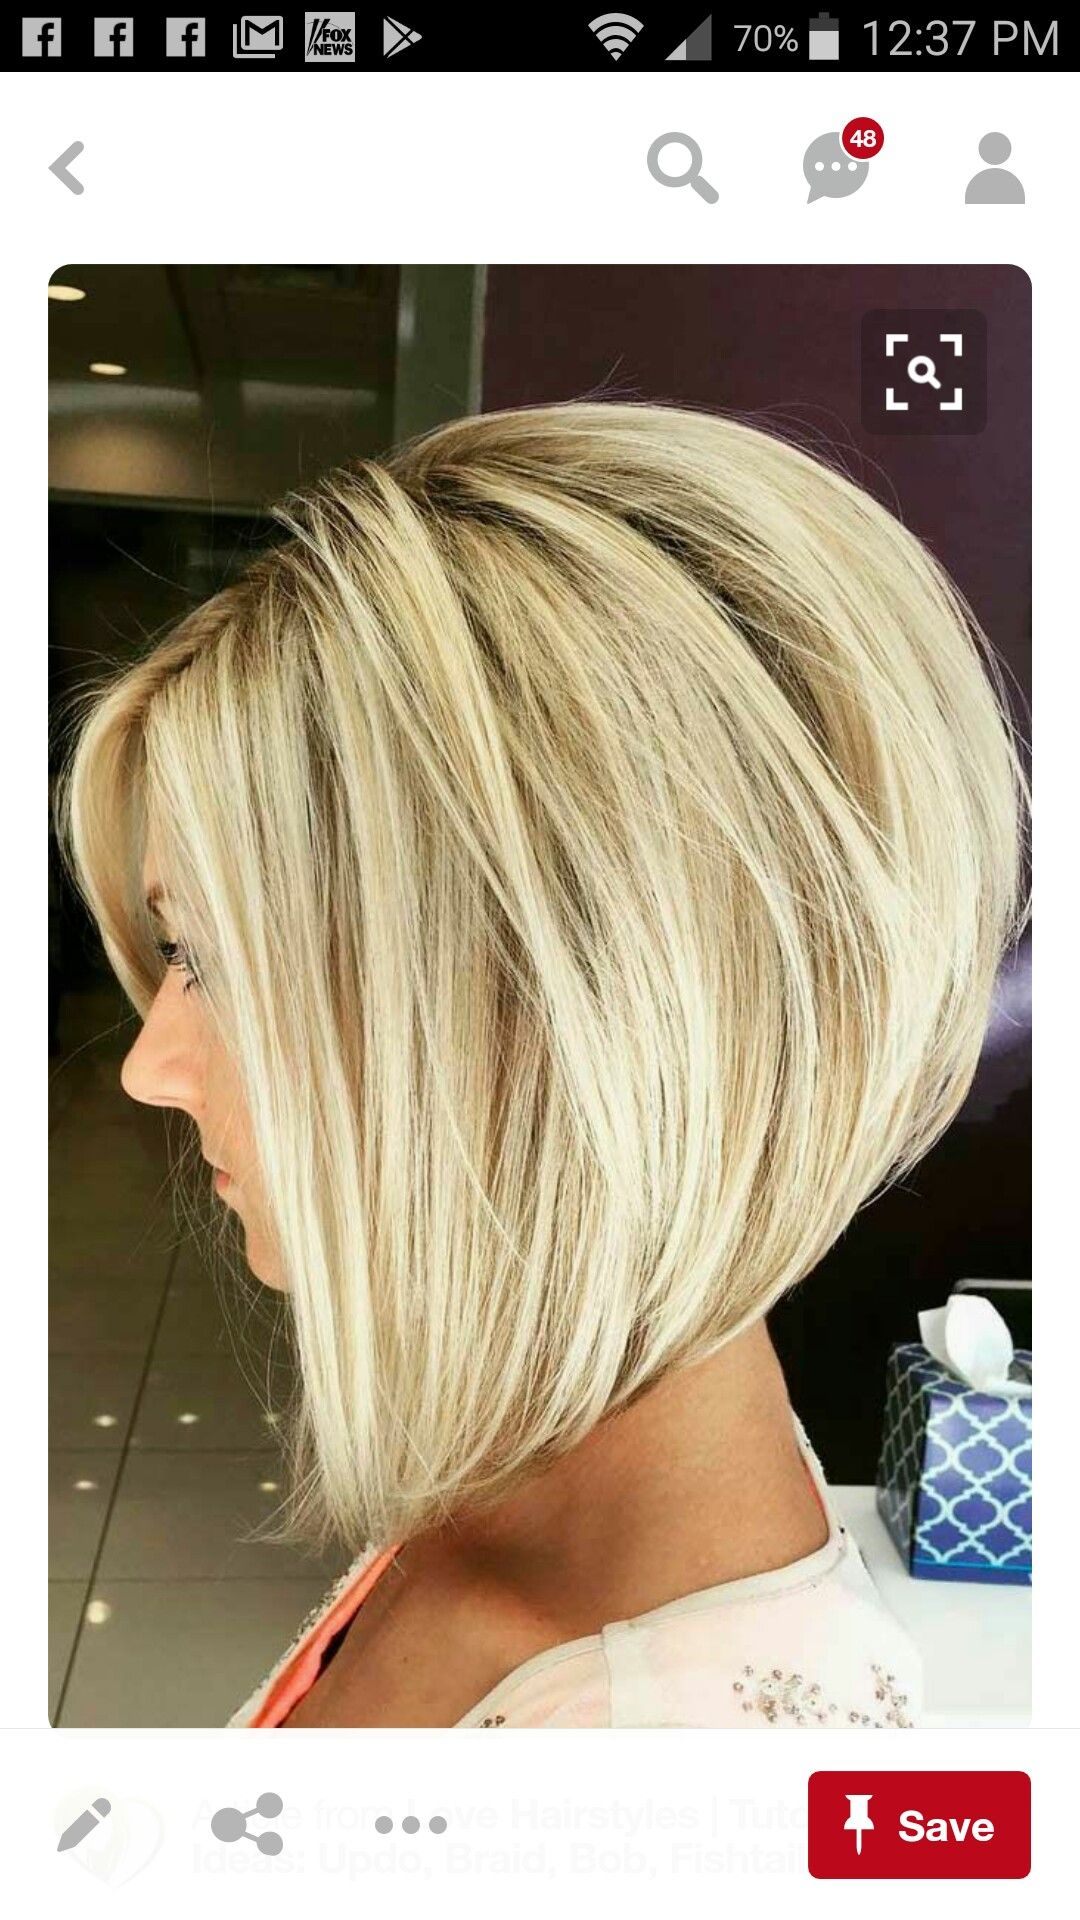 07a8cdbbcdd79effa4b49379c410a8c5g 10801920 Bob Haircut